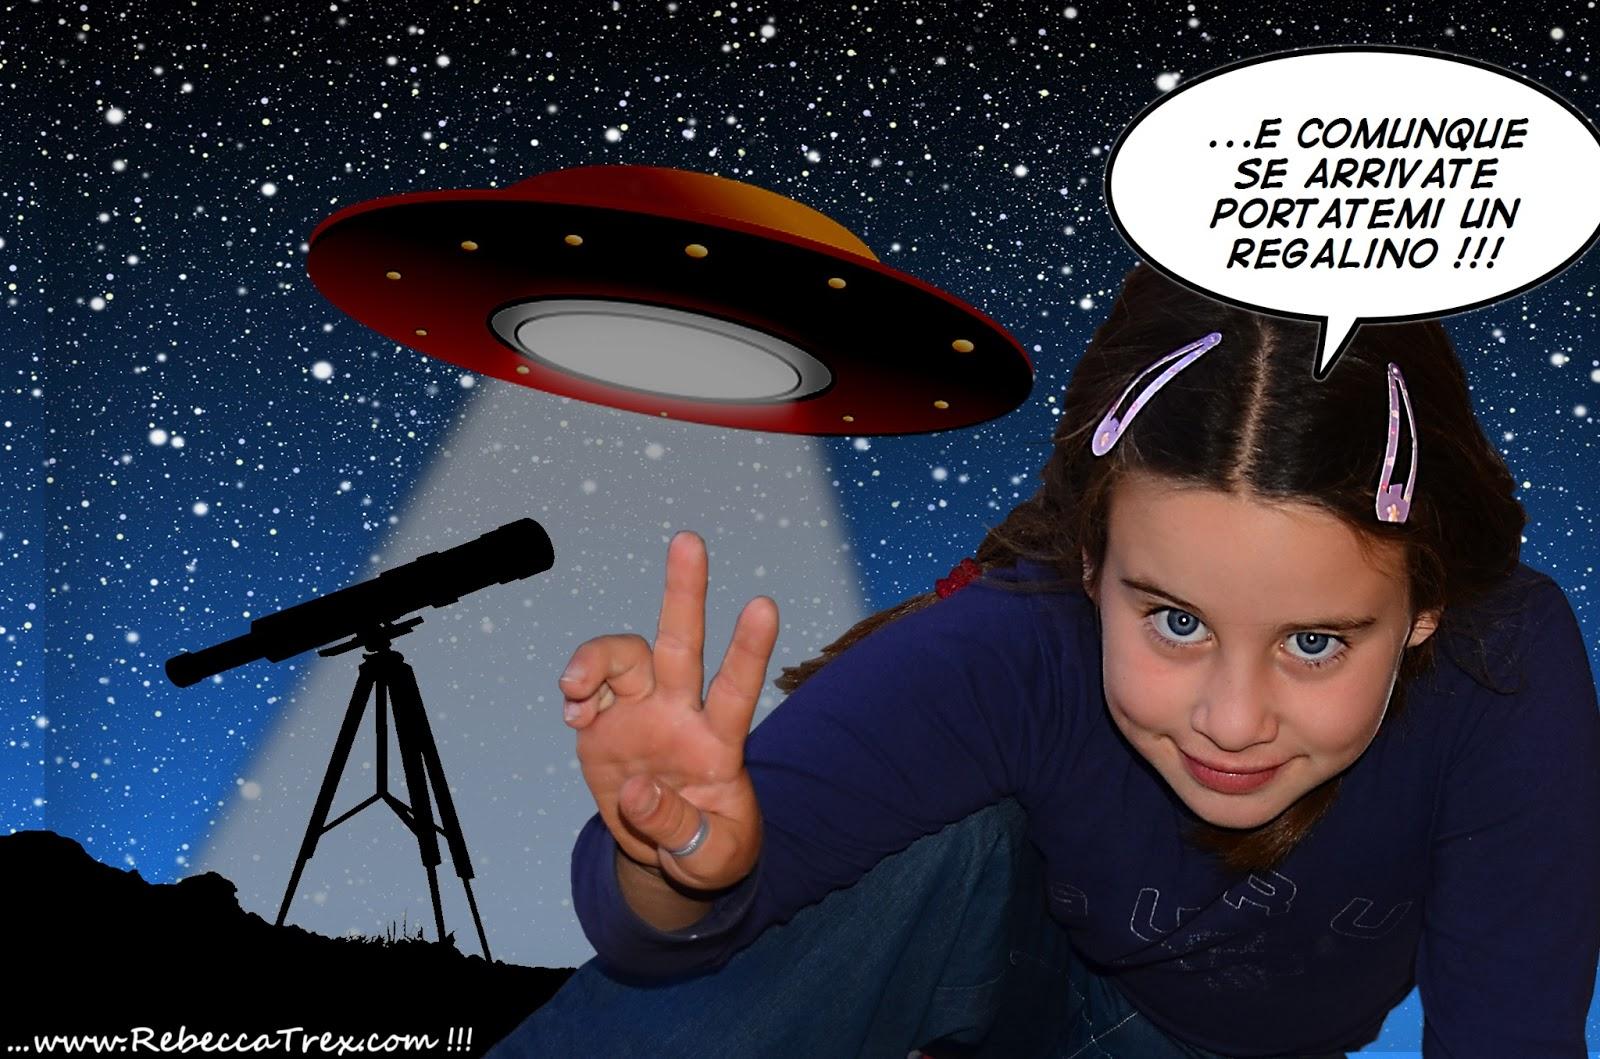 Ma davvero arrivano gli u f for Le navicelle spaziali